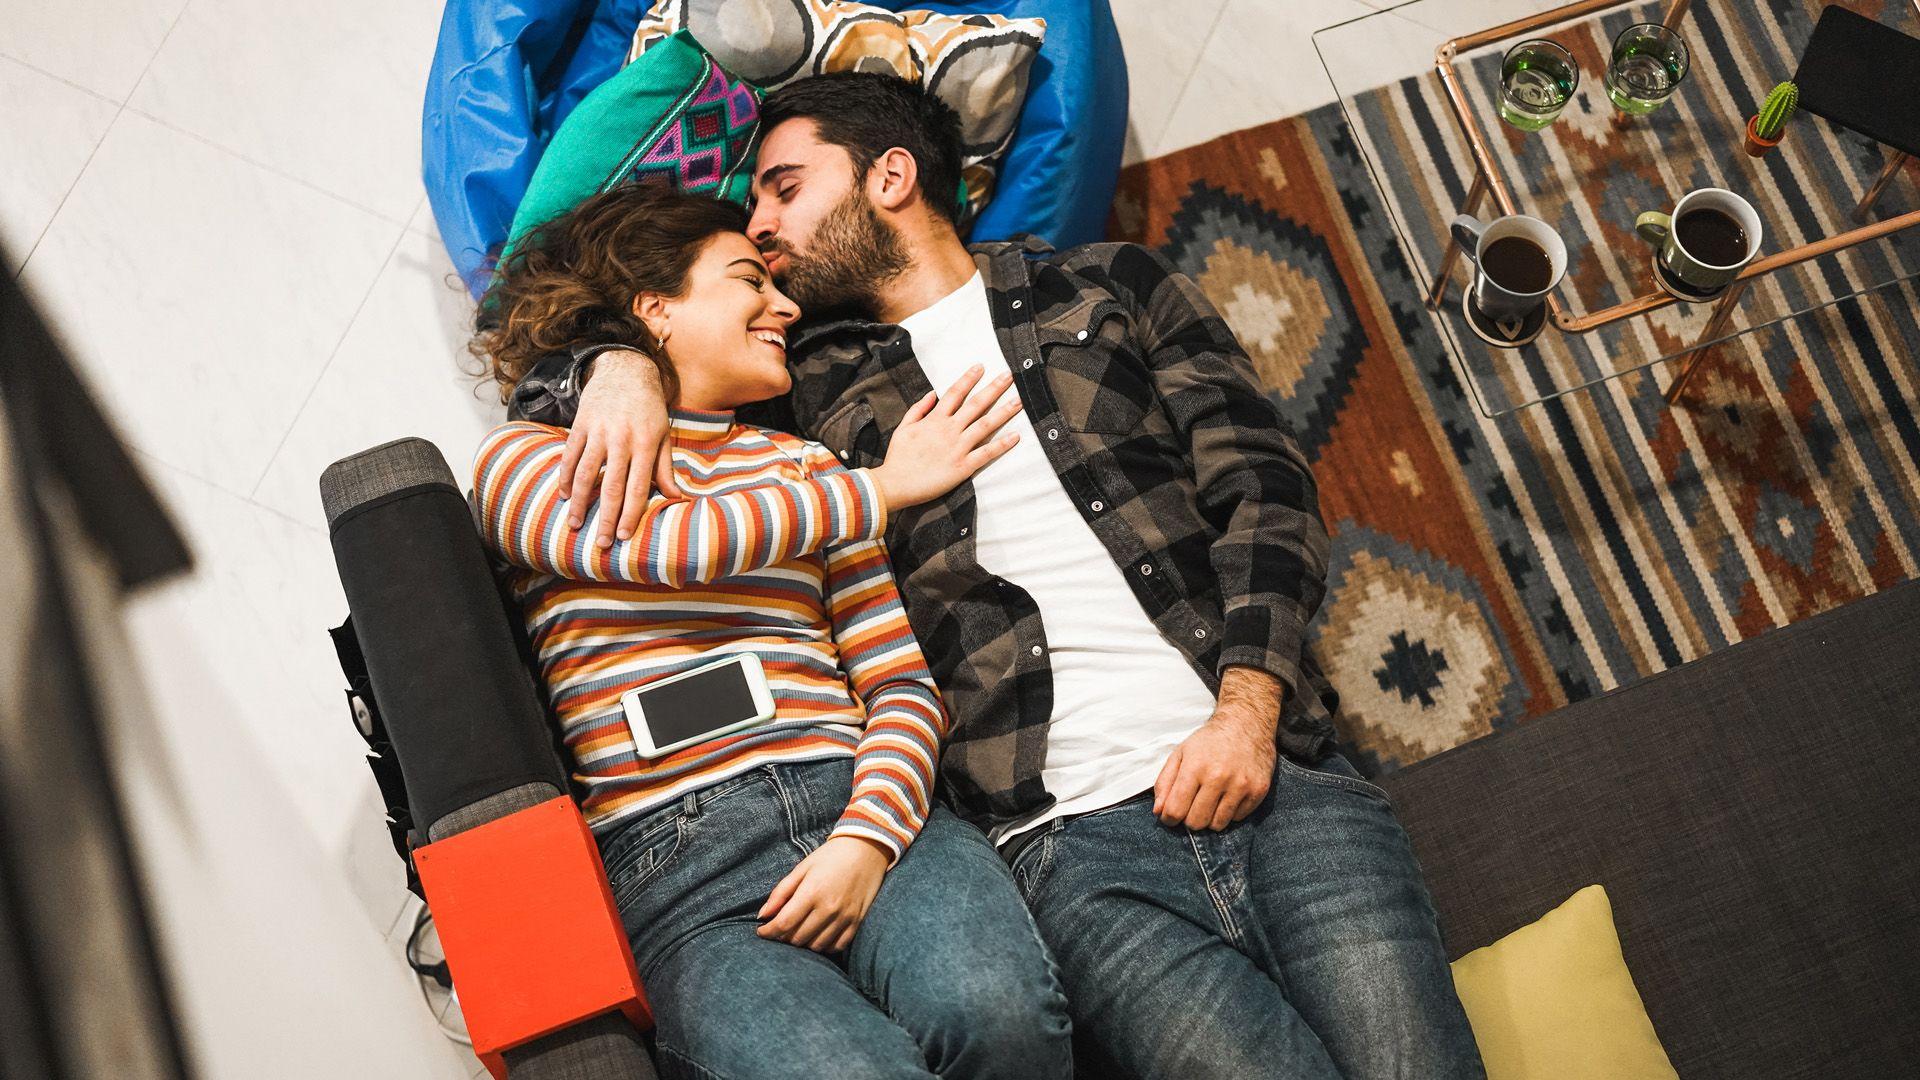 A karanténhelyzet és a home office alapjaiban változtatott a párok életén